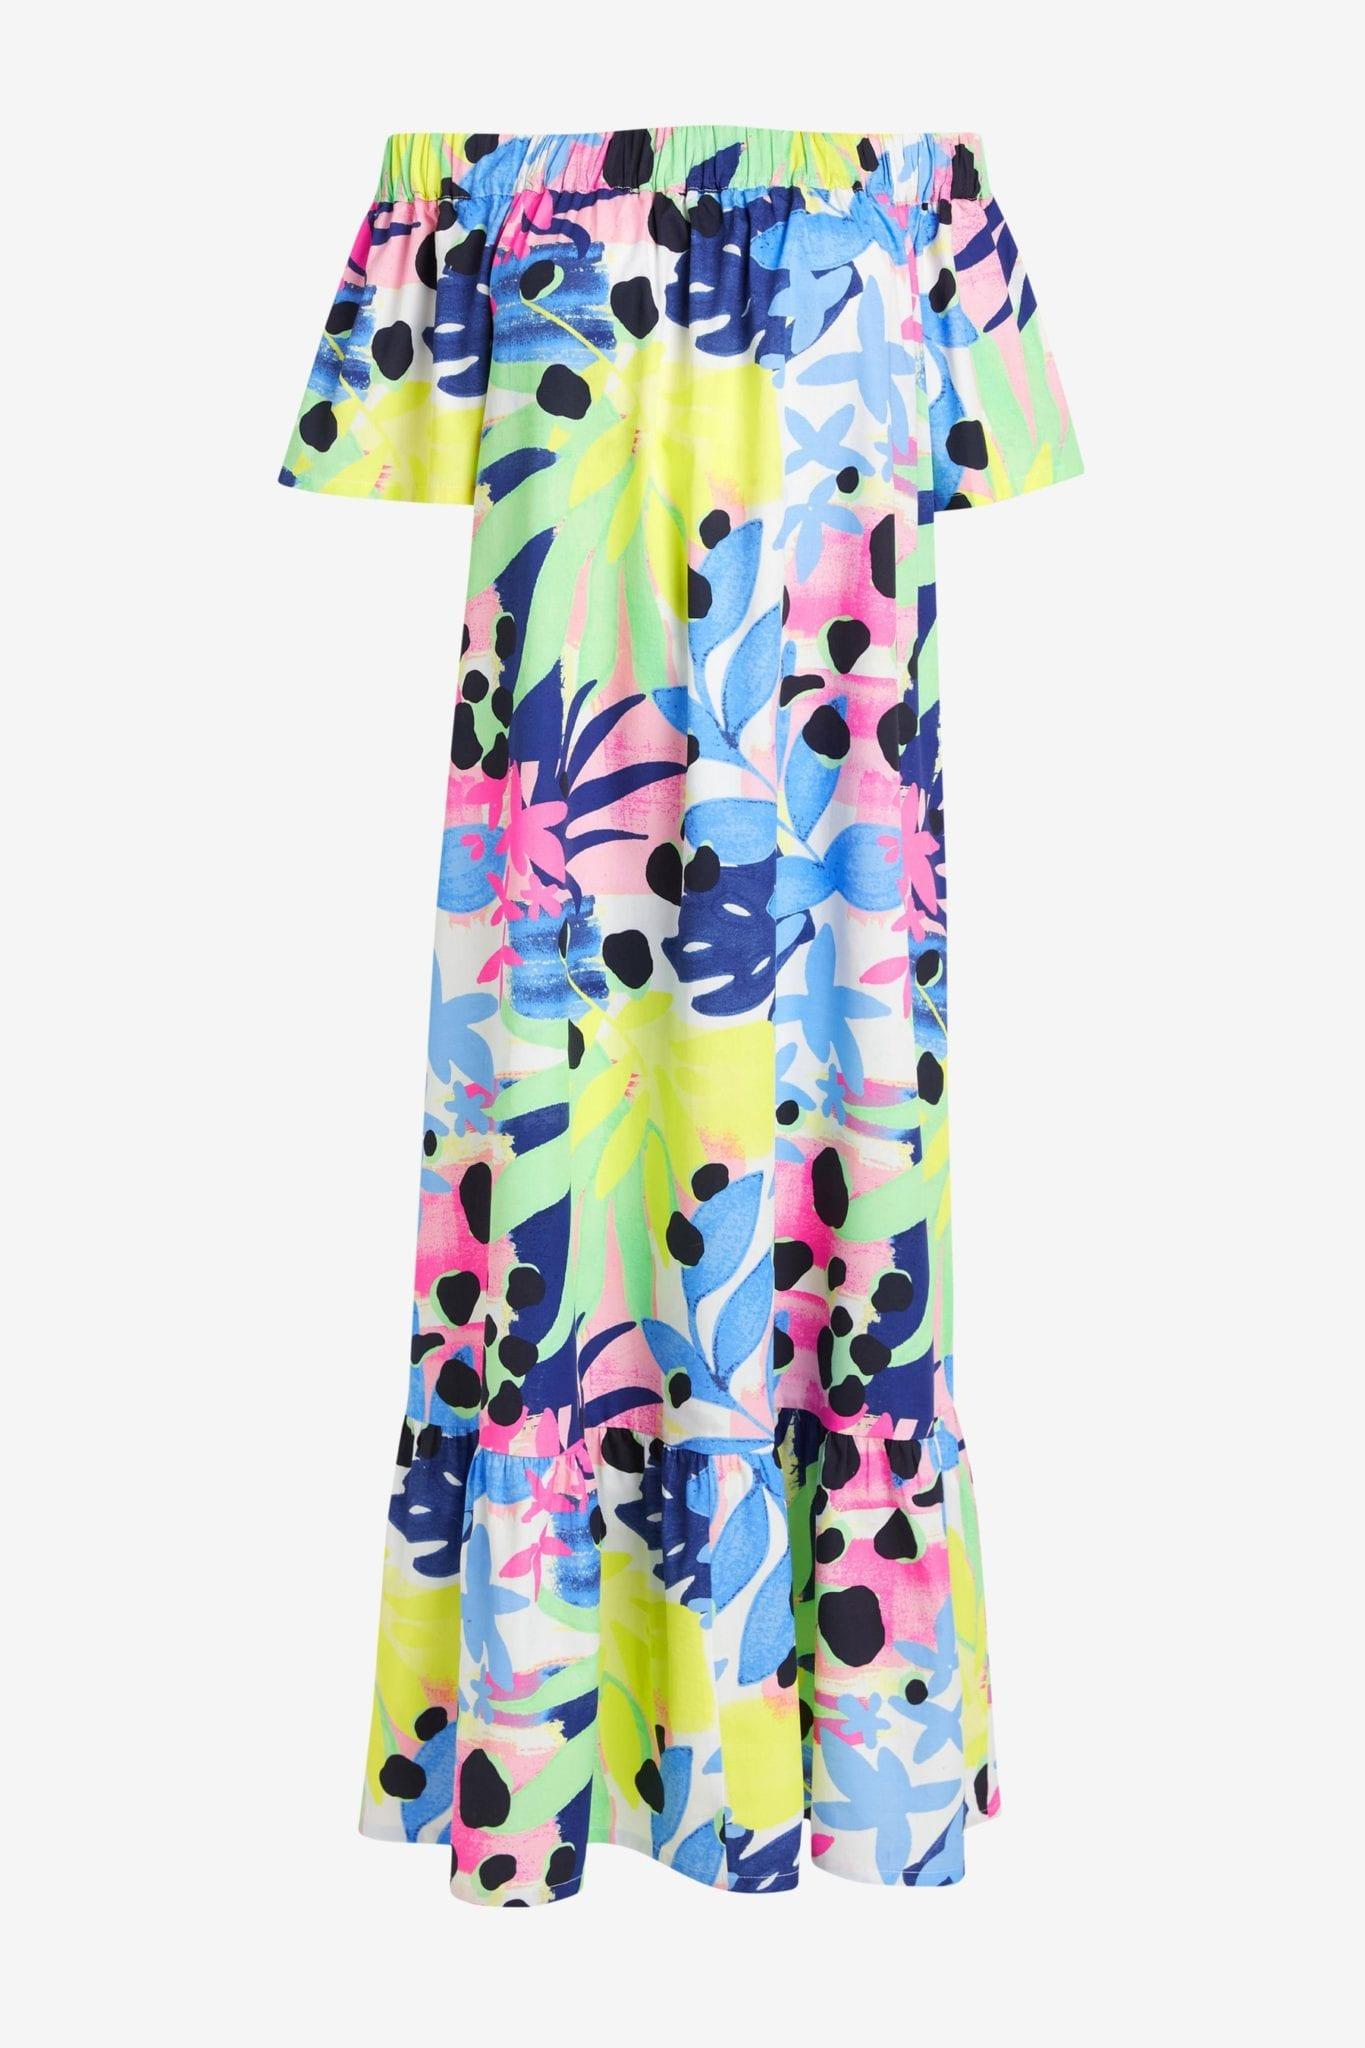 שמלה באתר נקסט ישראל